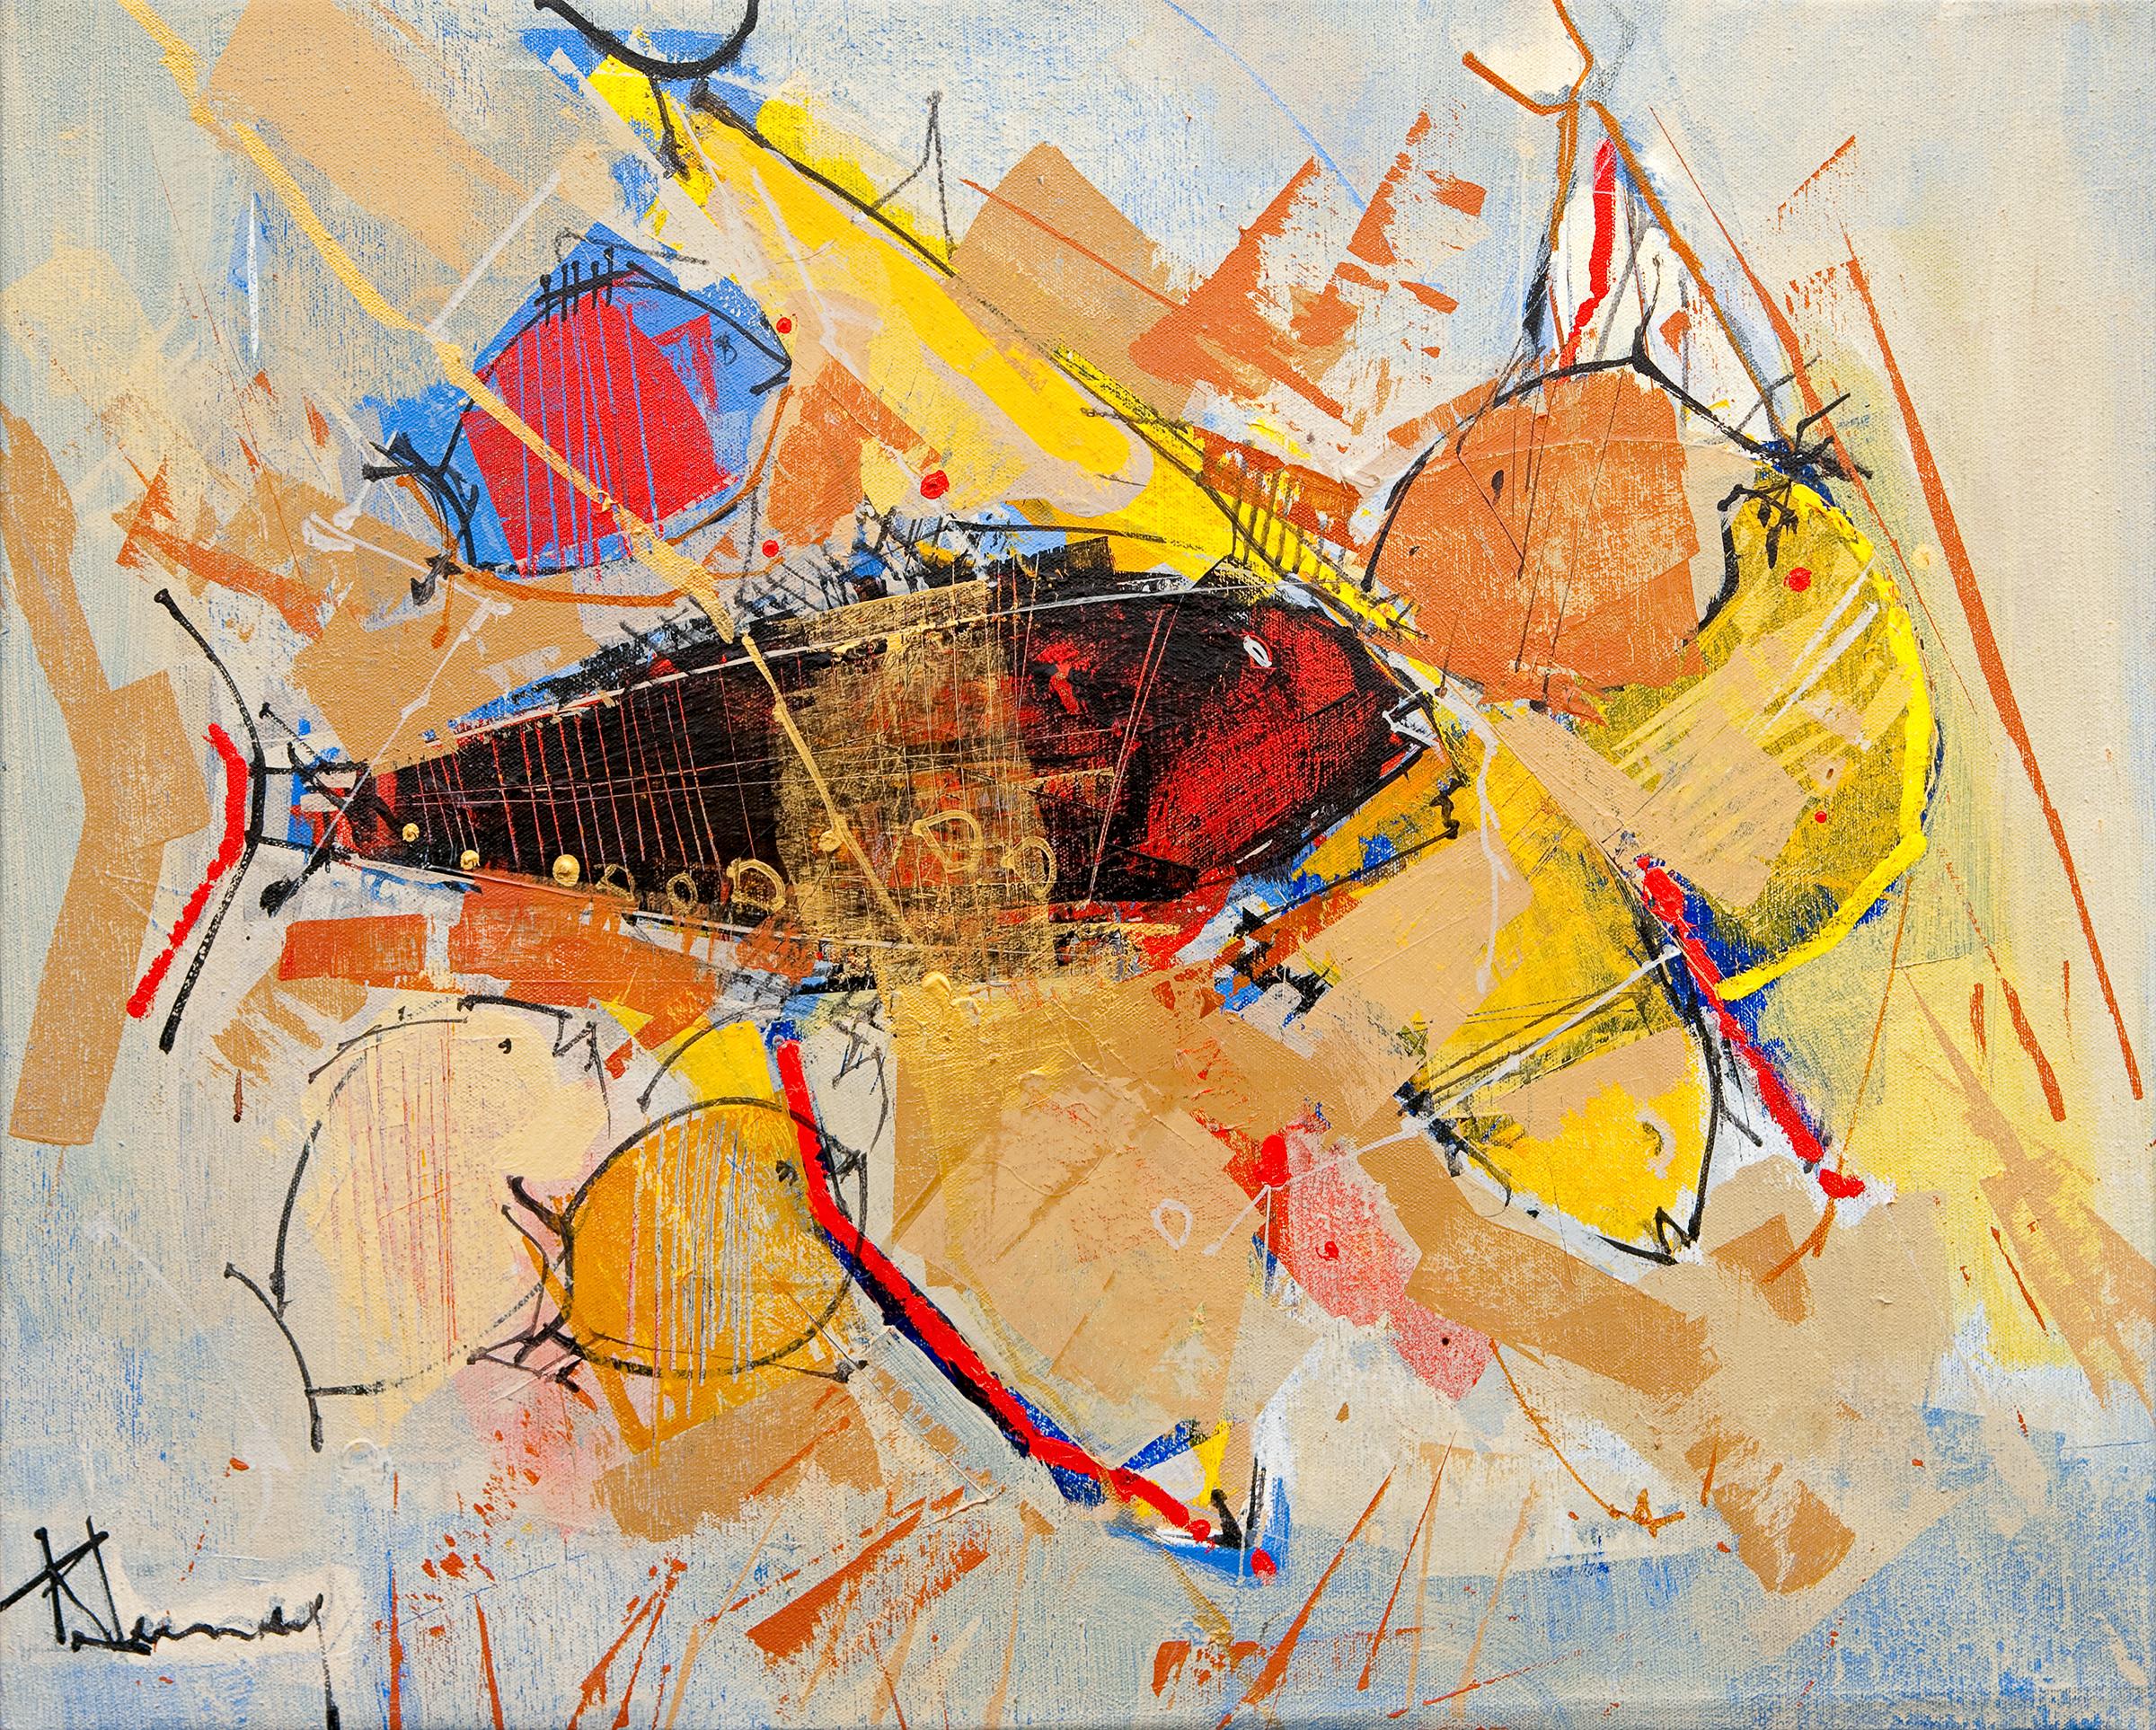 René Lemay - The Golden Fish - Acrylique - 2007